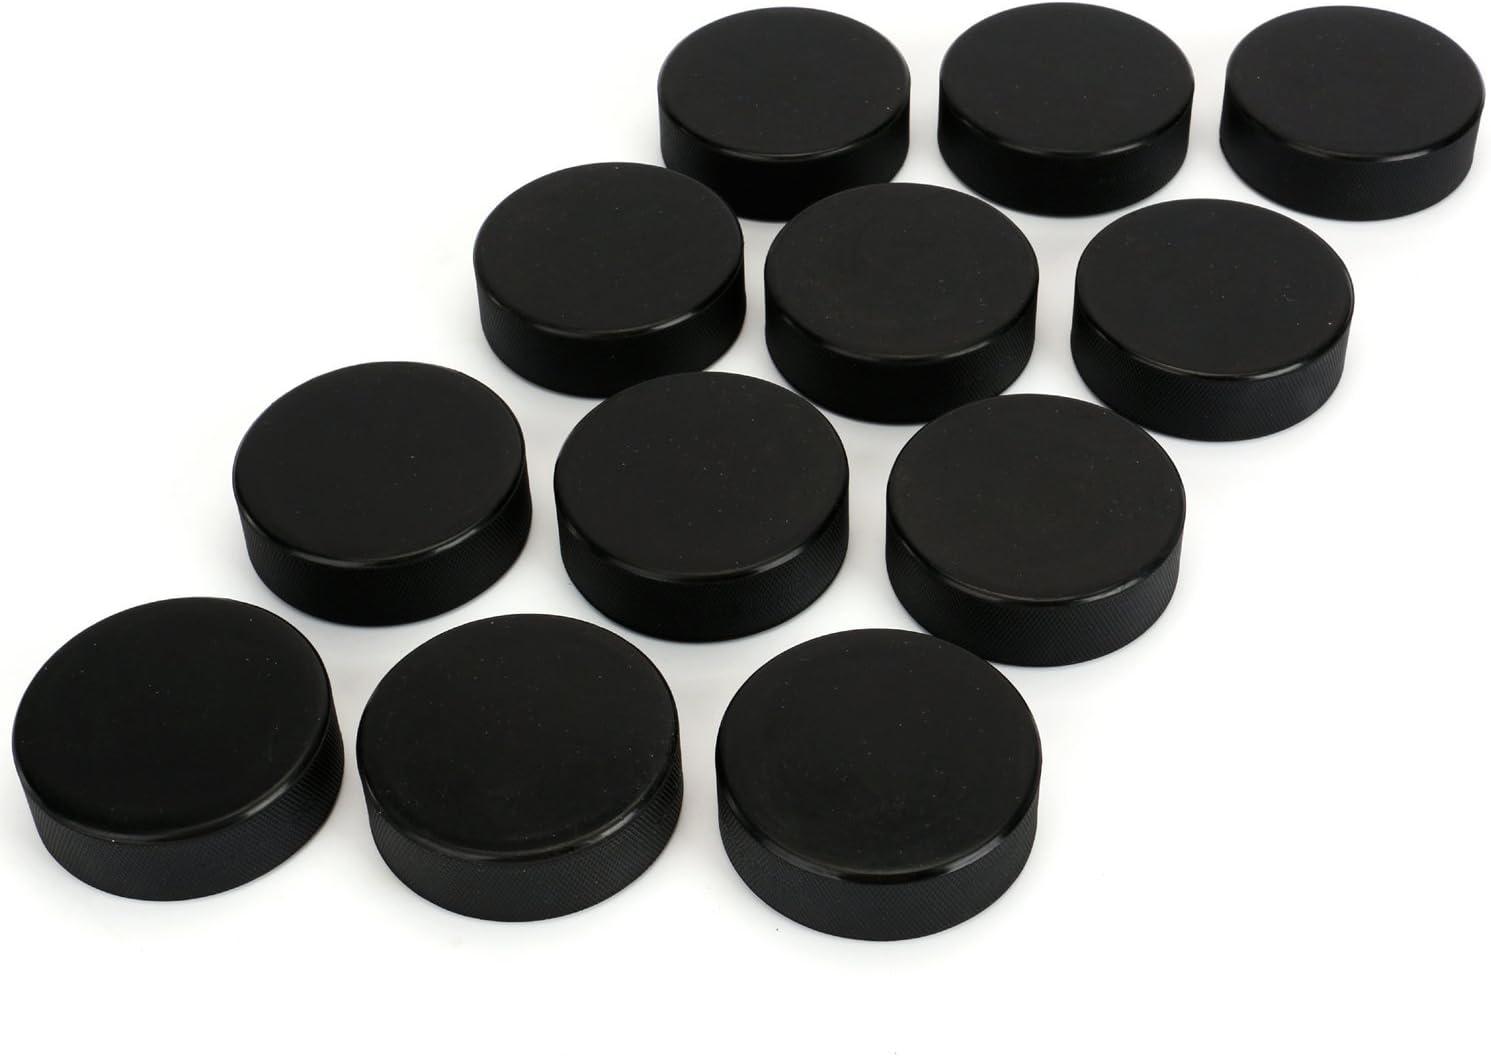 Faswin Lot de 12 palets de hockey sur glace classiques